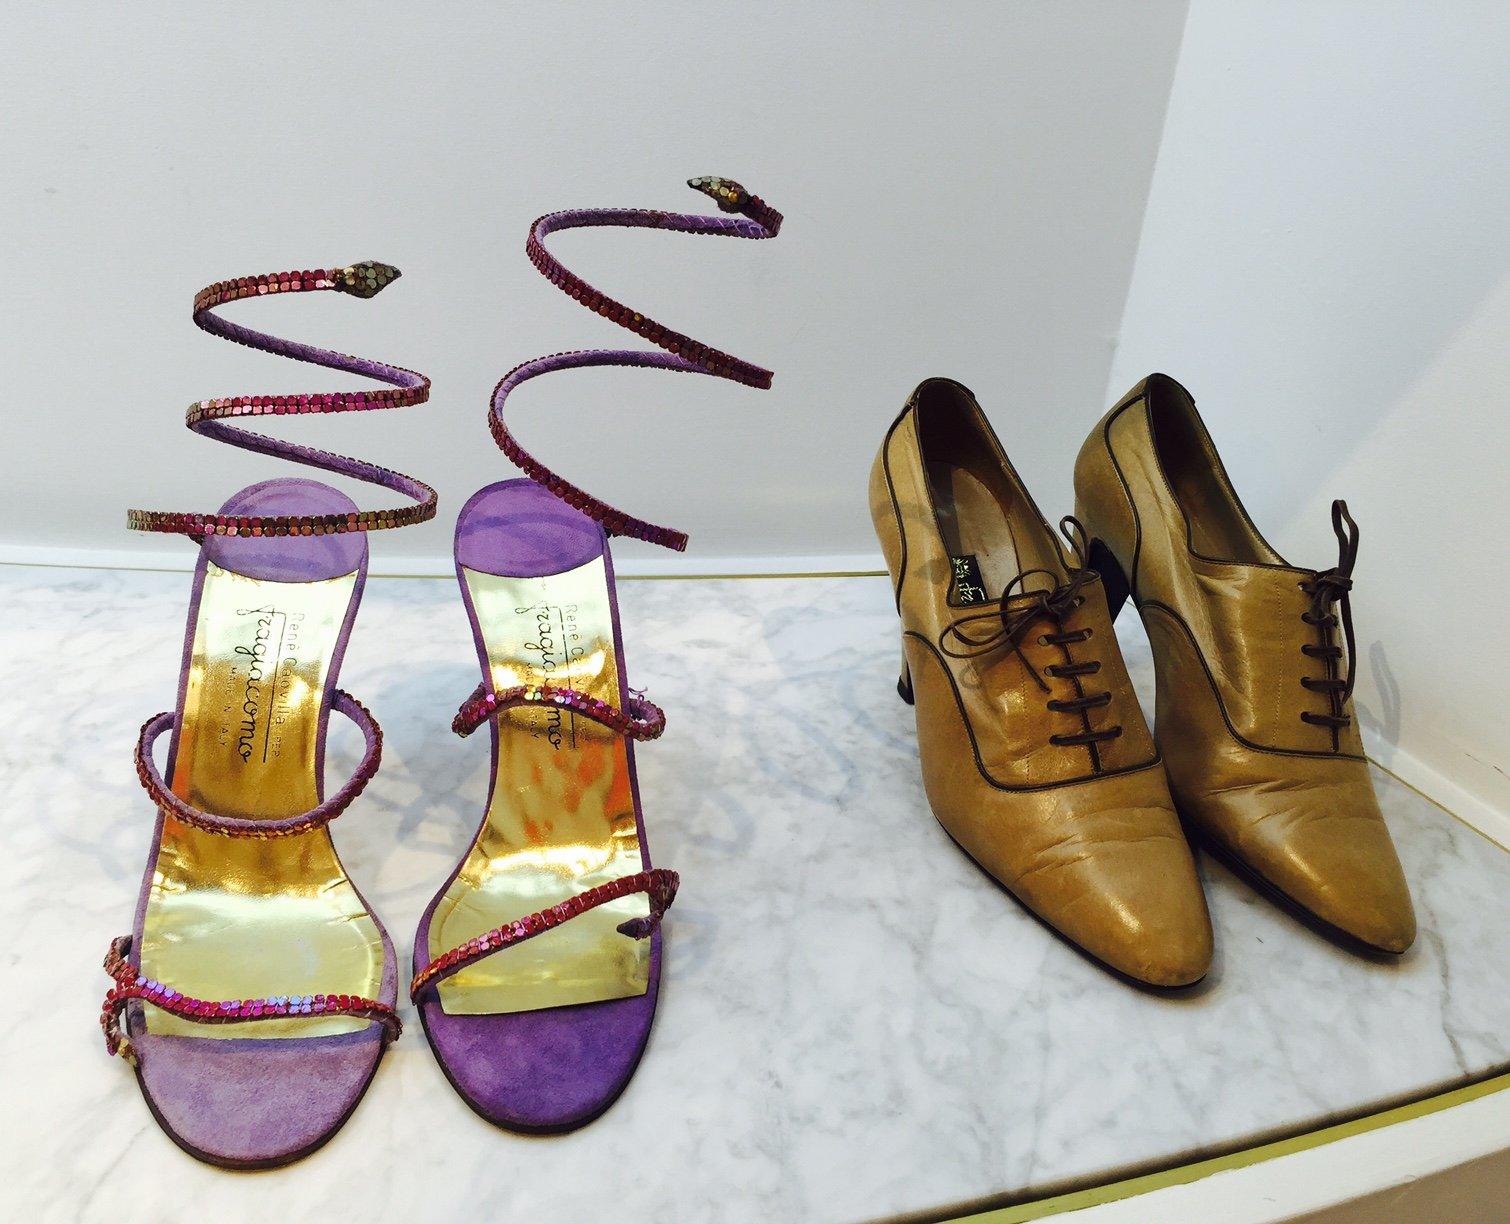 Foto delle scarpe archivio di Fragiacomo